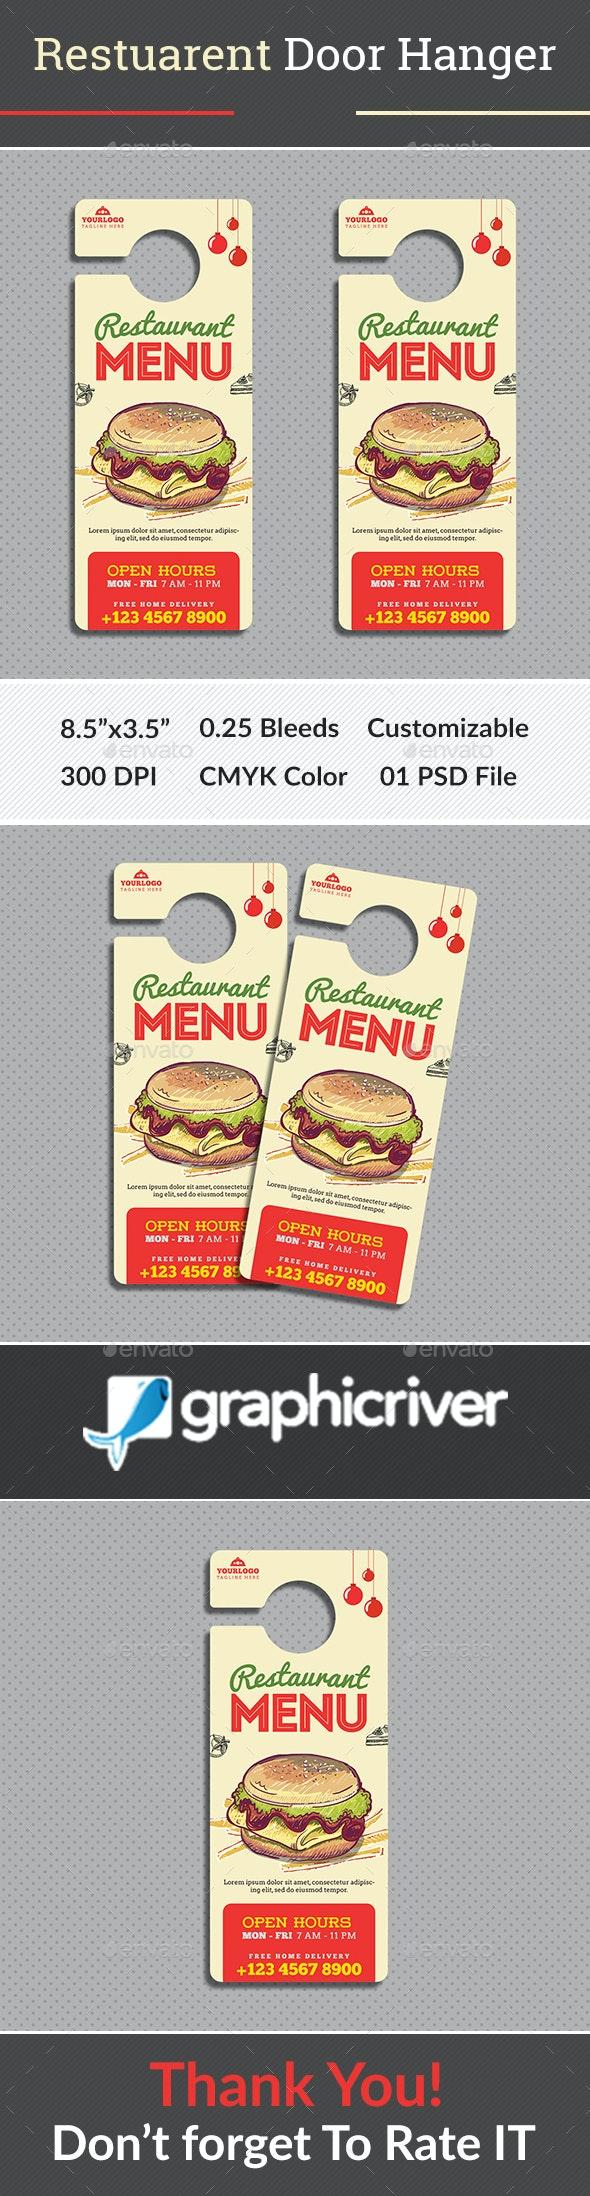 Restaurant Door Hanger - Miscellaneous Print Templates